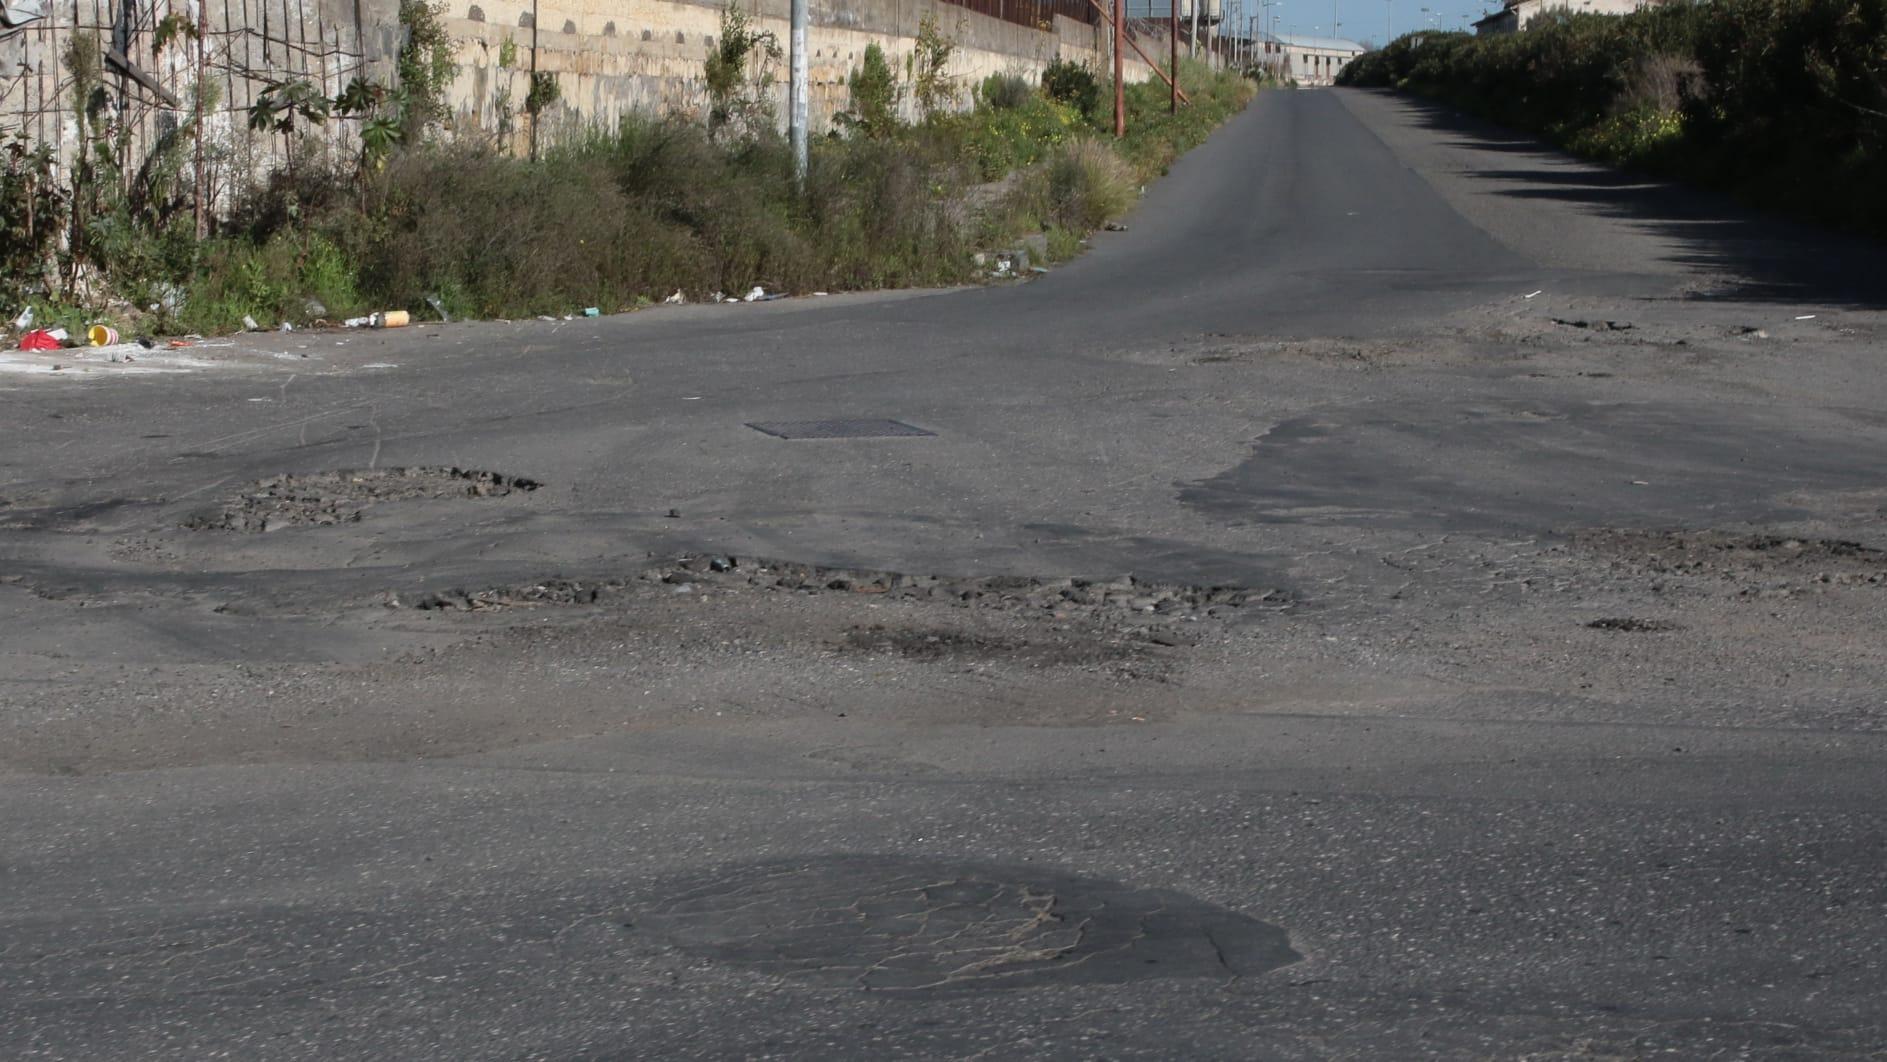 """Zona industriale di Catania, Saverino: """"Le passerelle politiche non risolvono i problemi, servono fatti concreti"""""""